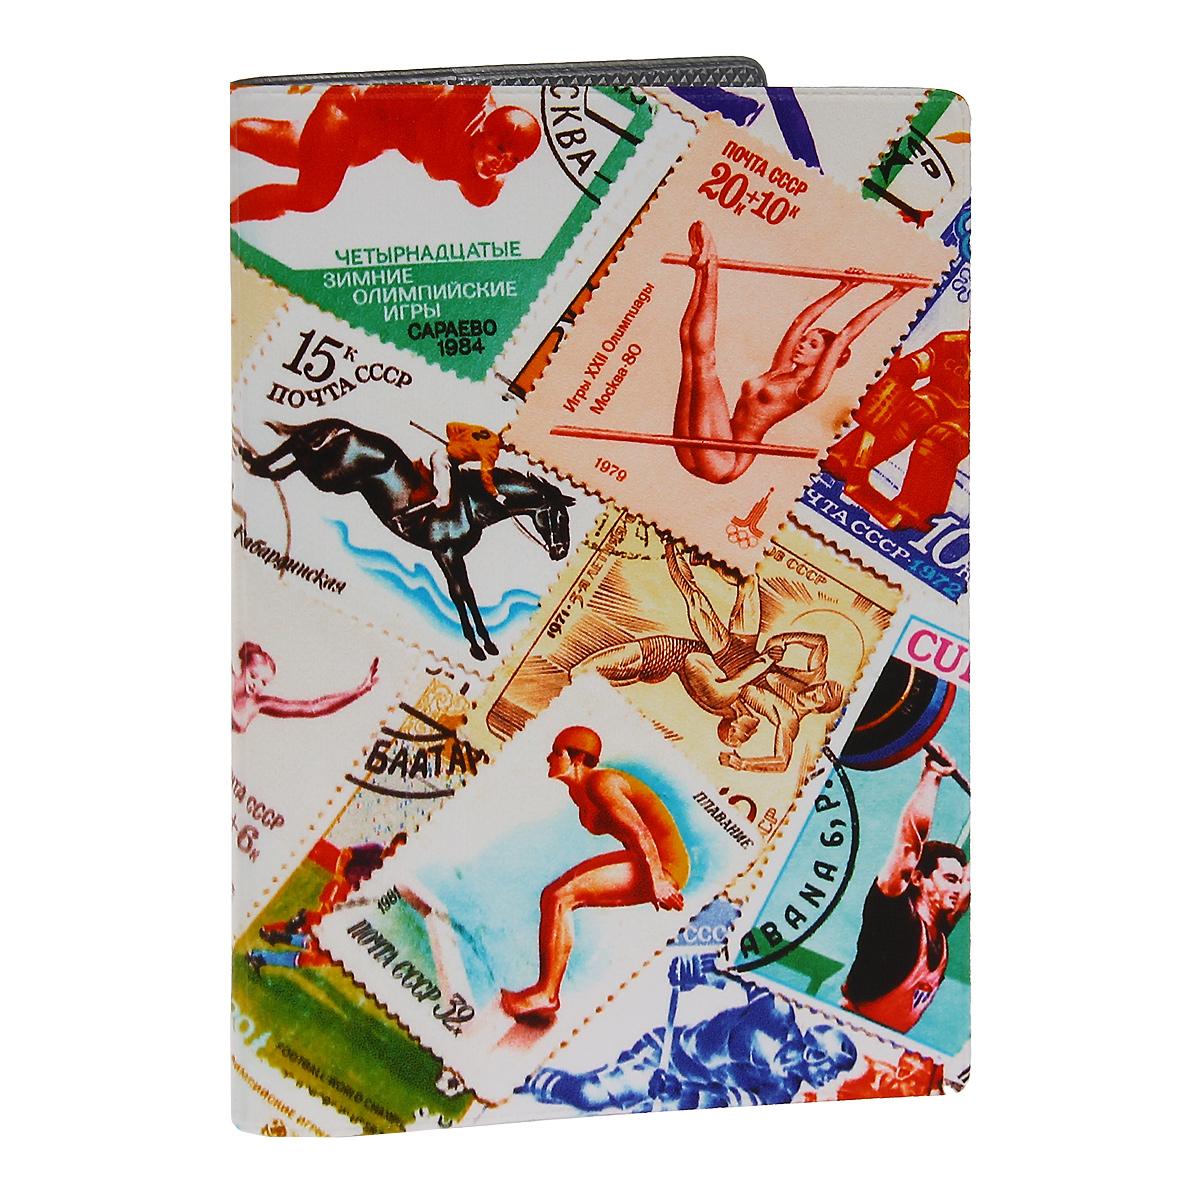 Обложка для паспорта Спорт (марки) 2. OZAM281OZAM281Обложка для паспорта Mitya Veselkov Спорт. Марки - 2 выполнена из прочного ПВХ и оформлена изображениями почтовых марок со спортивной тематикой. Такая обложка не только поможет сохранить внешний вид ваших документов и защитит их от повреждений, но и станет стильным аксессуаром, идеально подходящим вашему образу. Яркая и оригинальная обложка подчеркнет вашу индивидуальность и изысканный вкус. Обложка для паспорта стильного дизайна может быть достойным и оригинальным подарком.